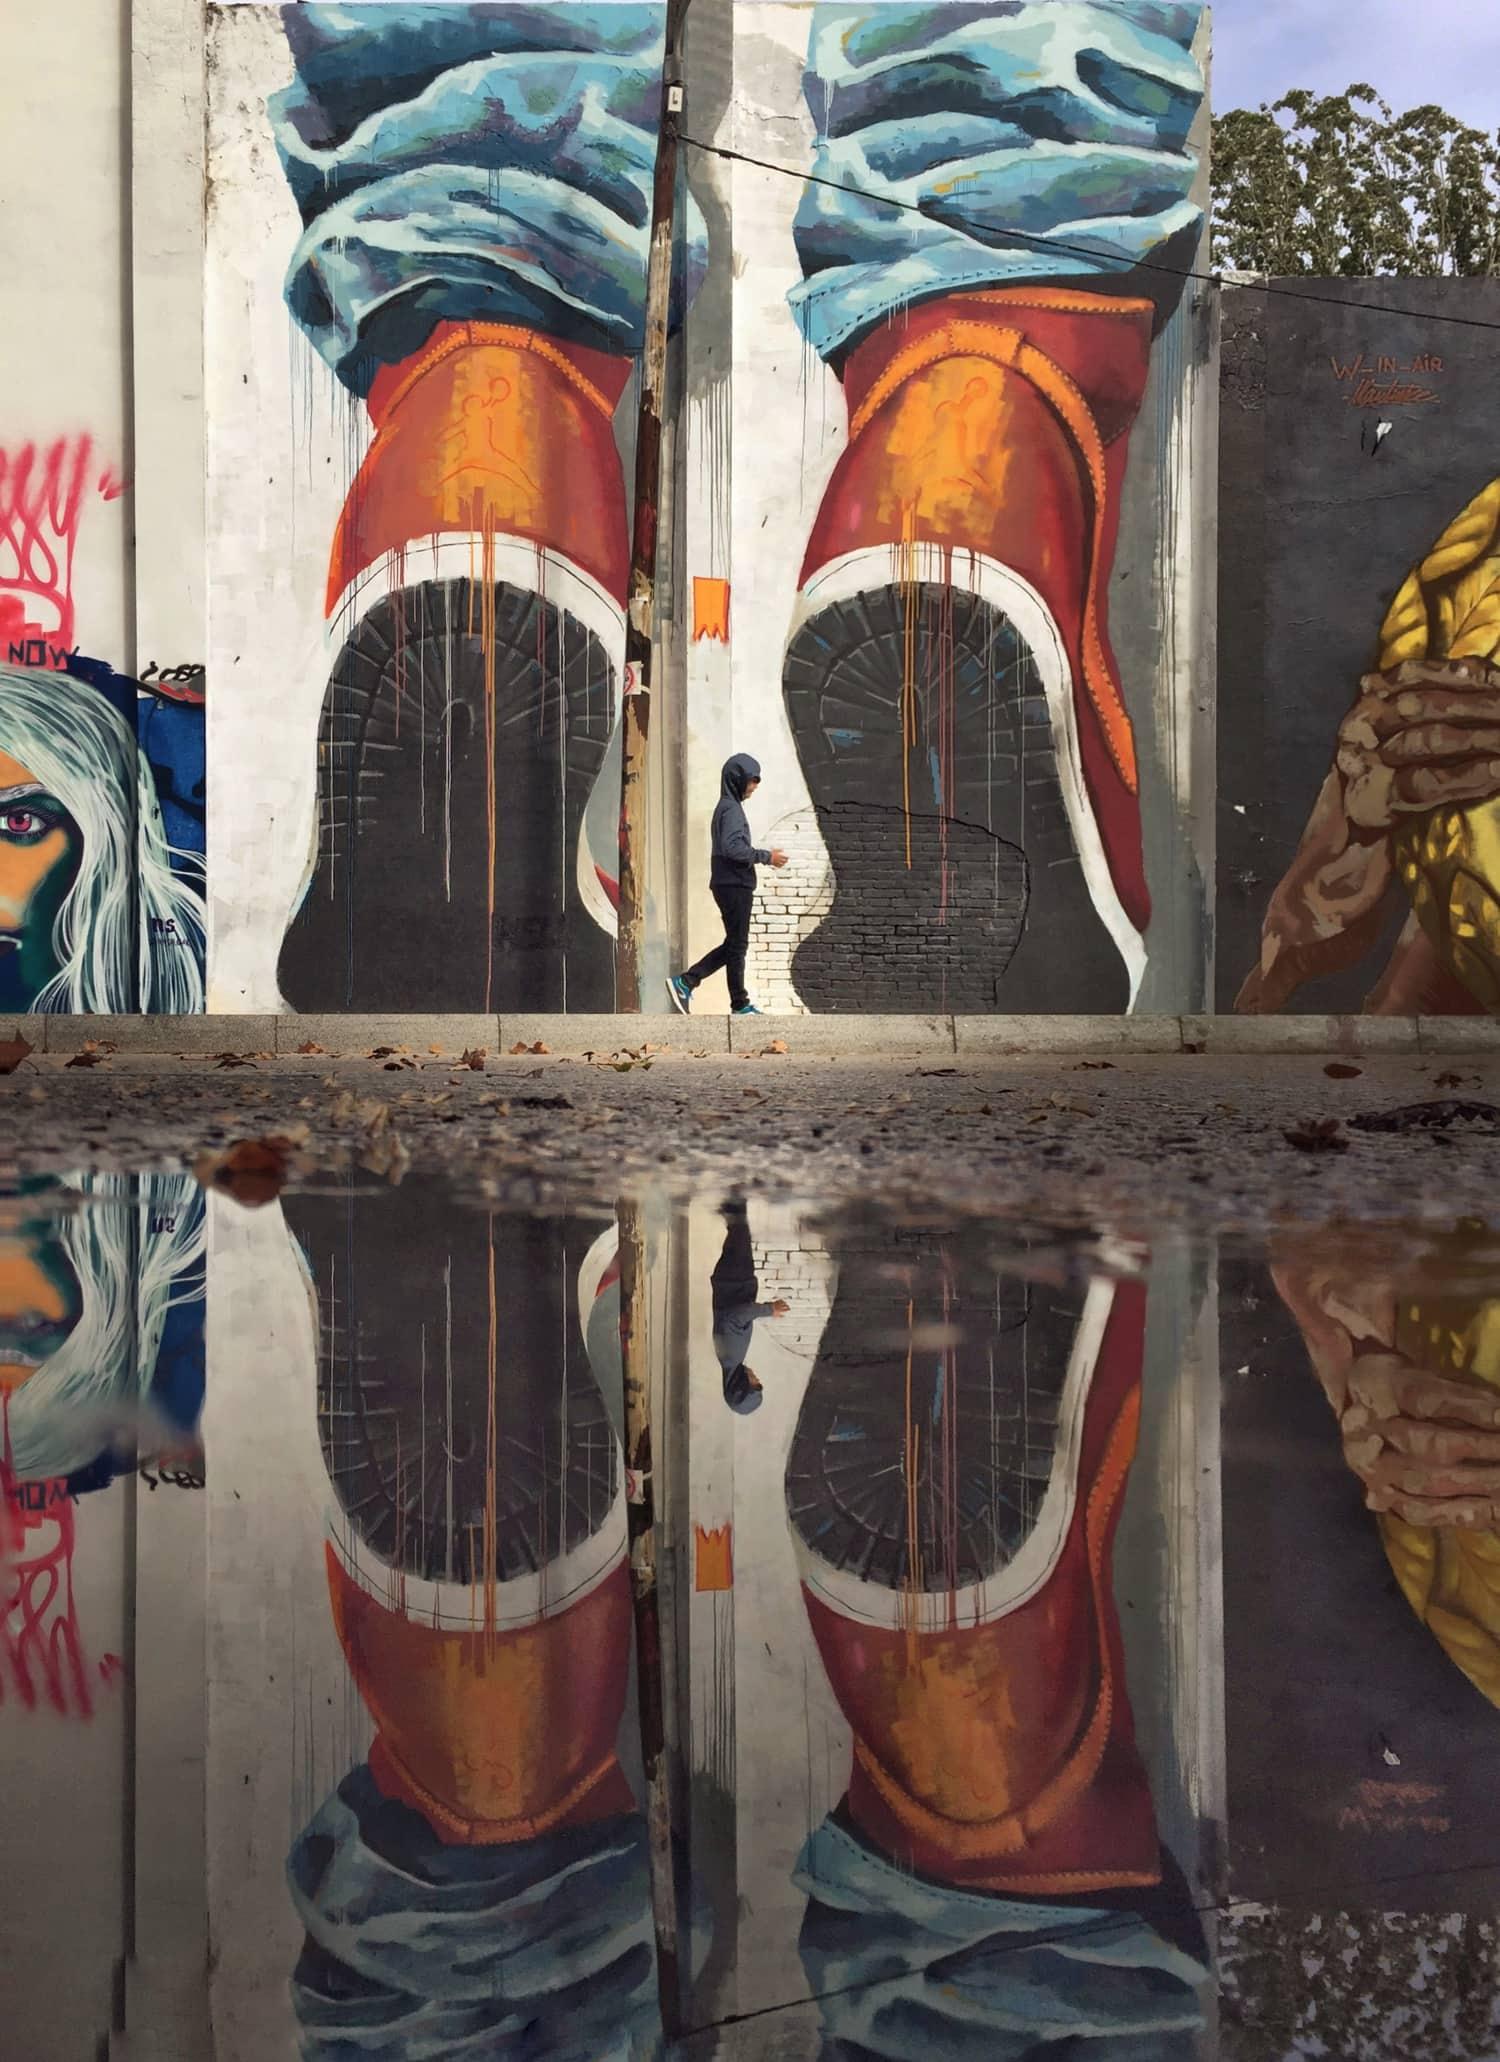 Fotografía callejera de un grafiti reflejado en un charco de agua